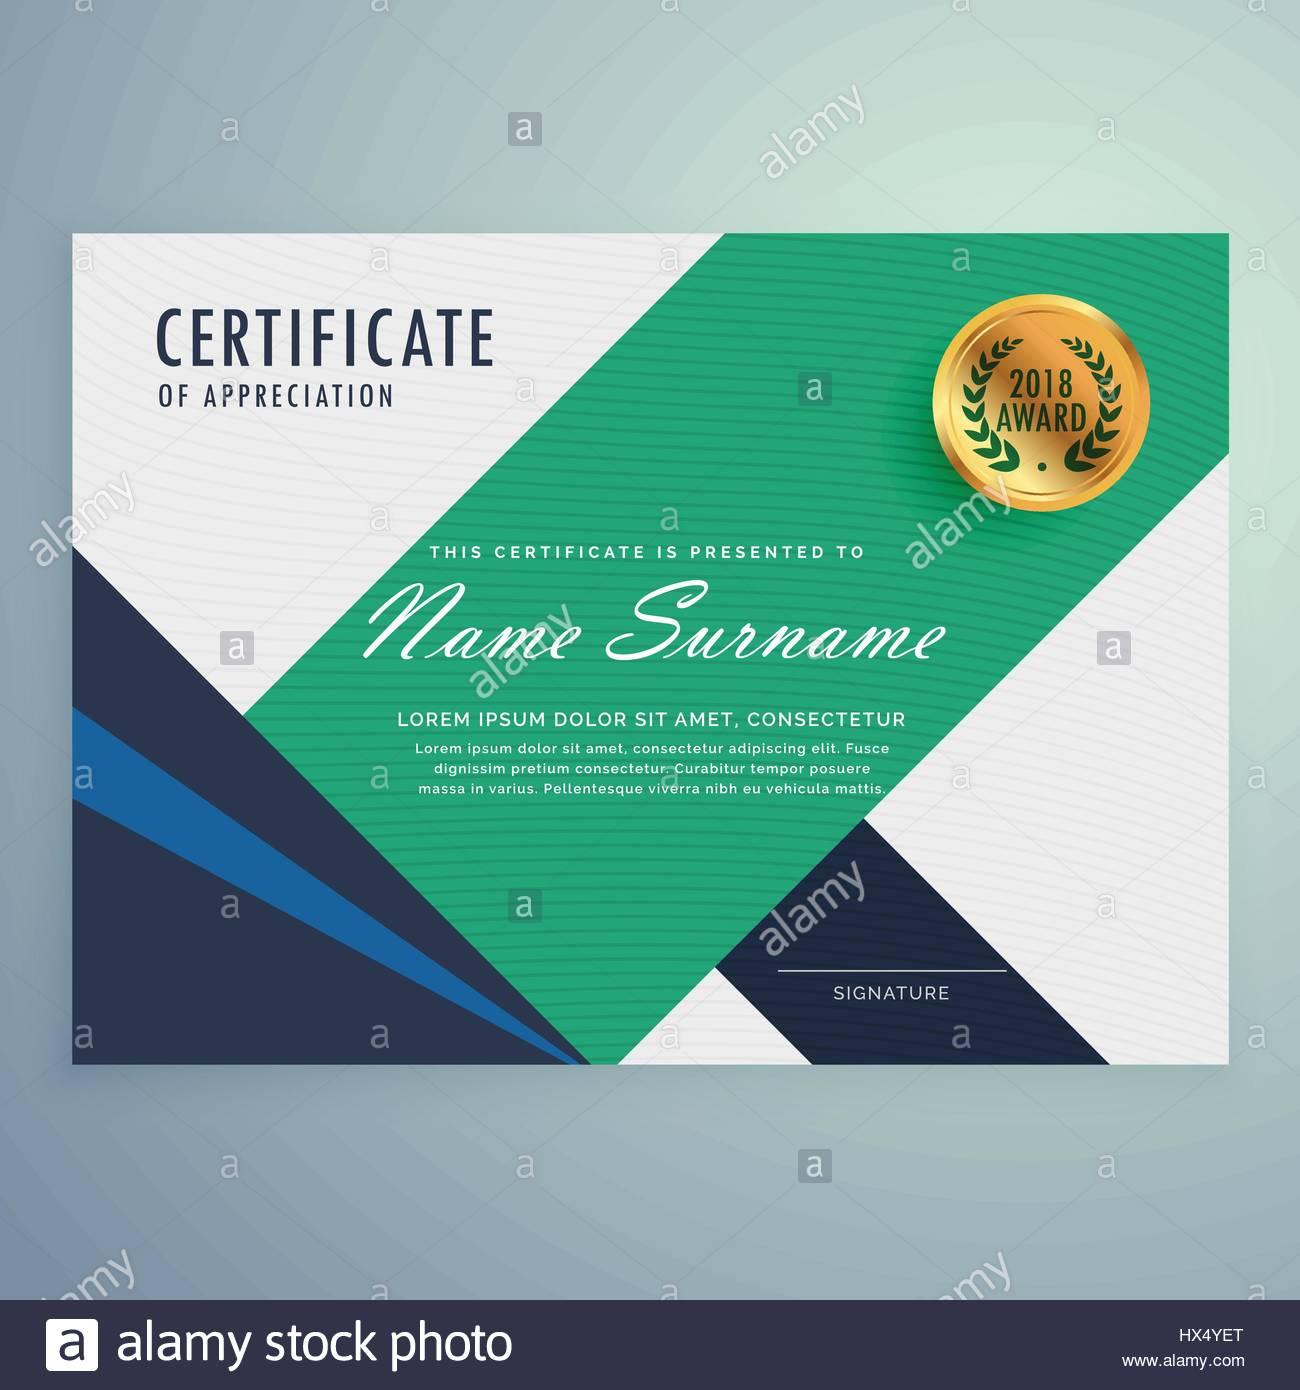 Modern certificate of appreciation template with geometric shapes modern certificate of appreciation template with geometric shapes yadclub Images